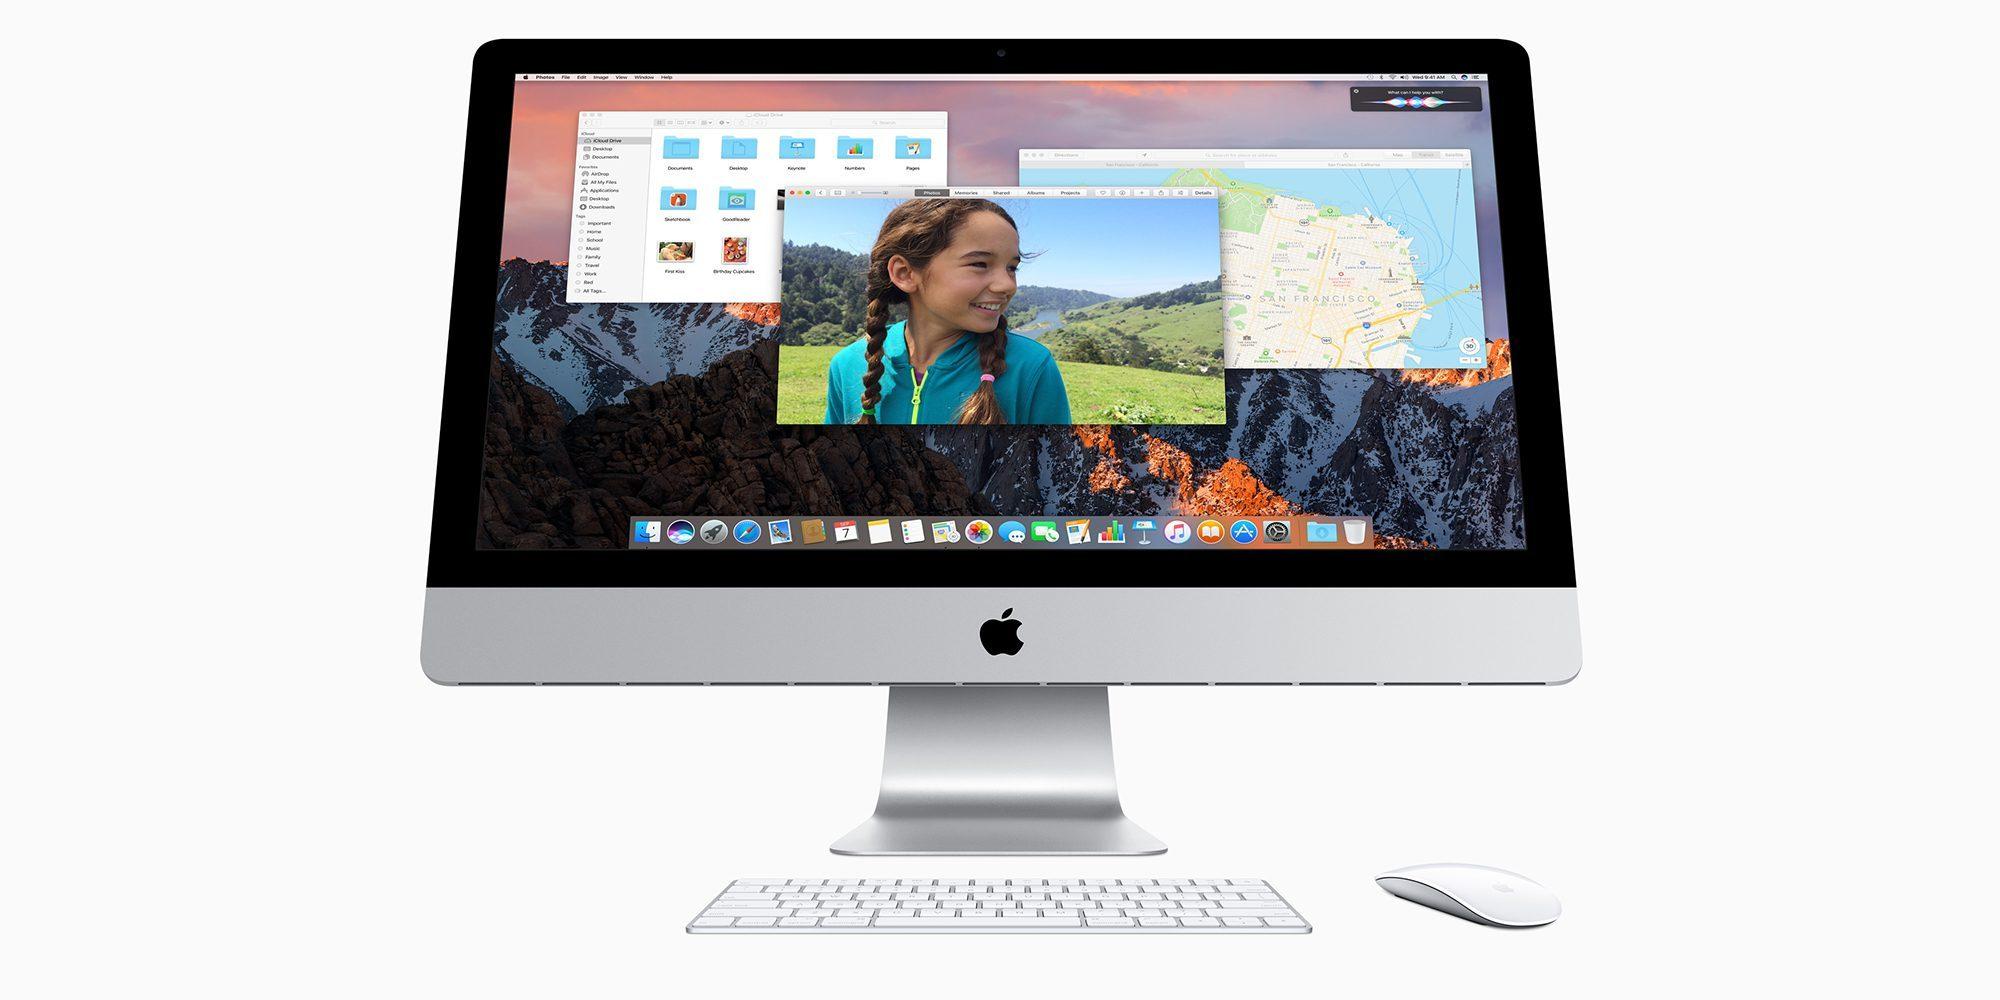 Tổng hợp các sản phẩm Apple sẽ giới thiệu trong năm 2017